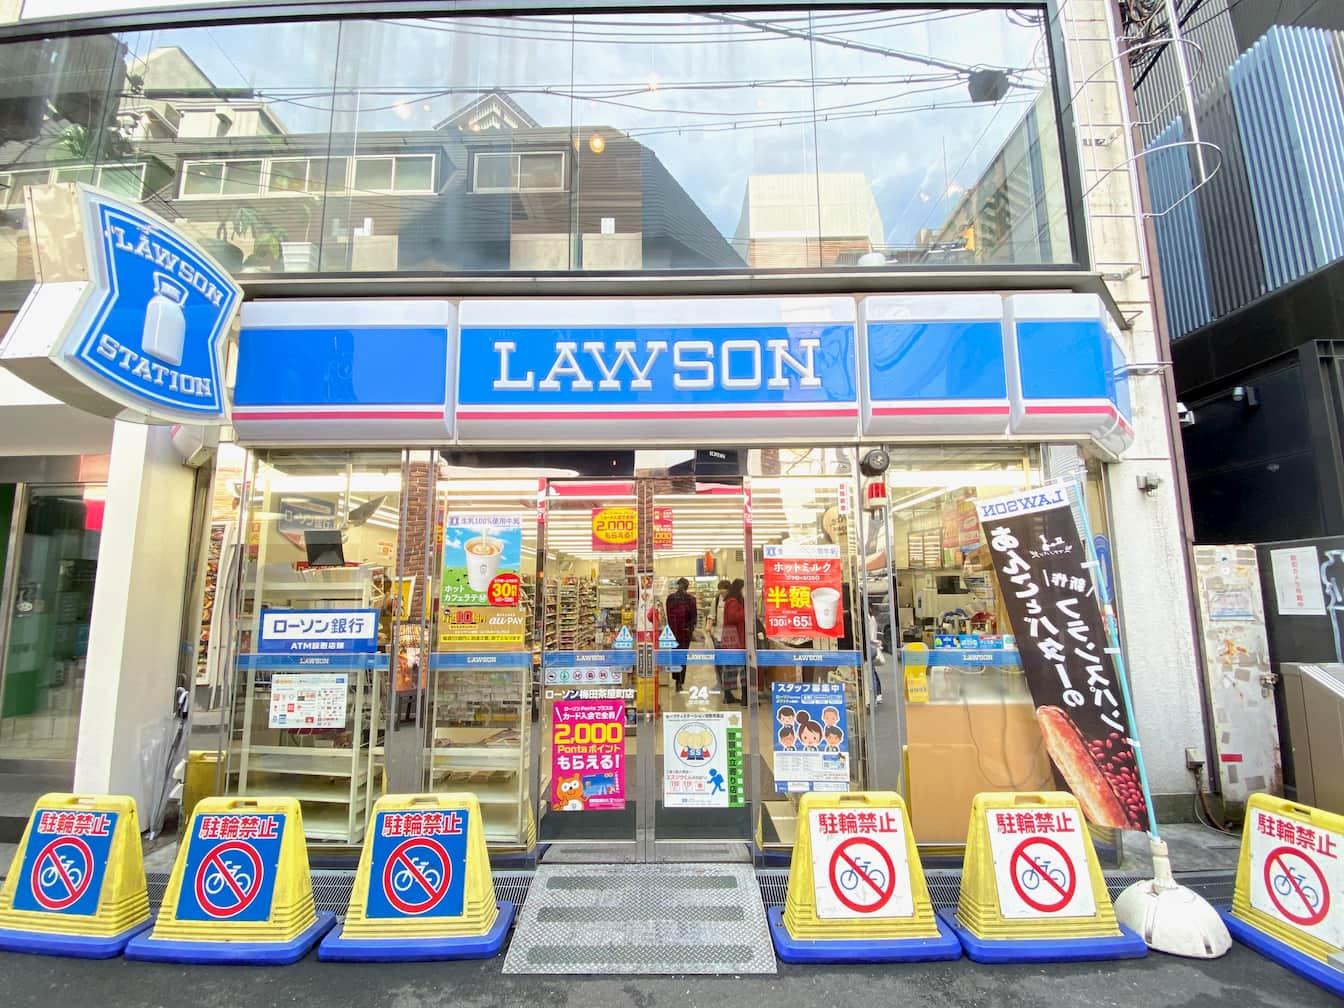 【牛乳応援】 ローソンの65円ホットミルクを購入!! 3/20まで